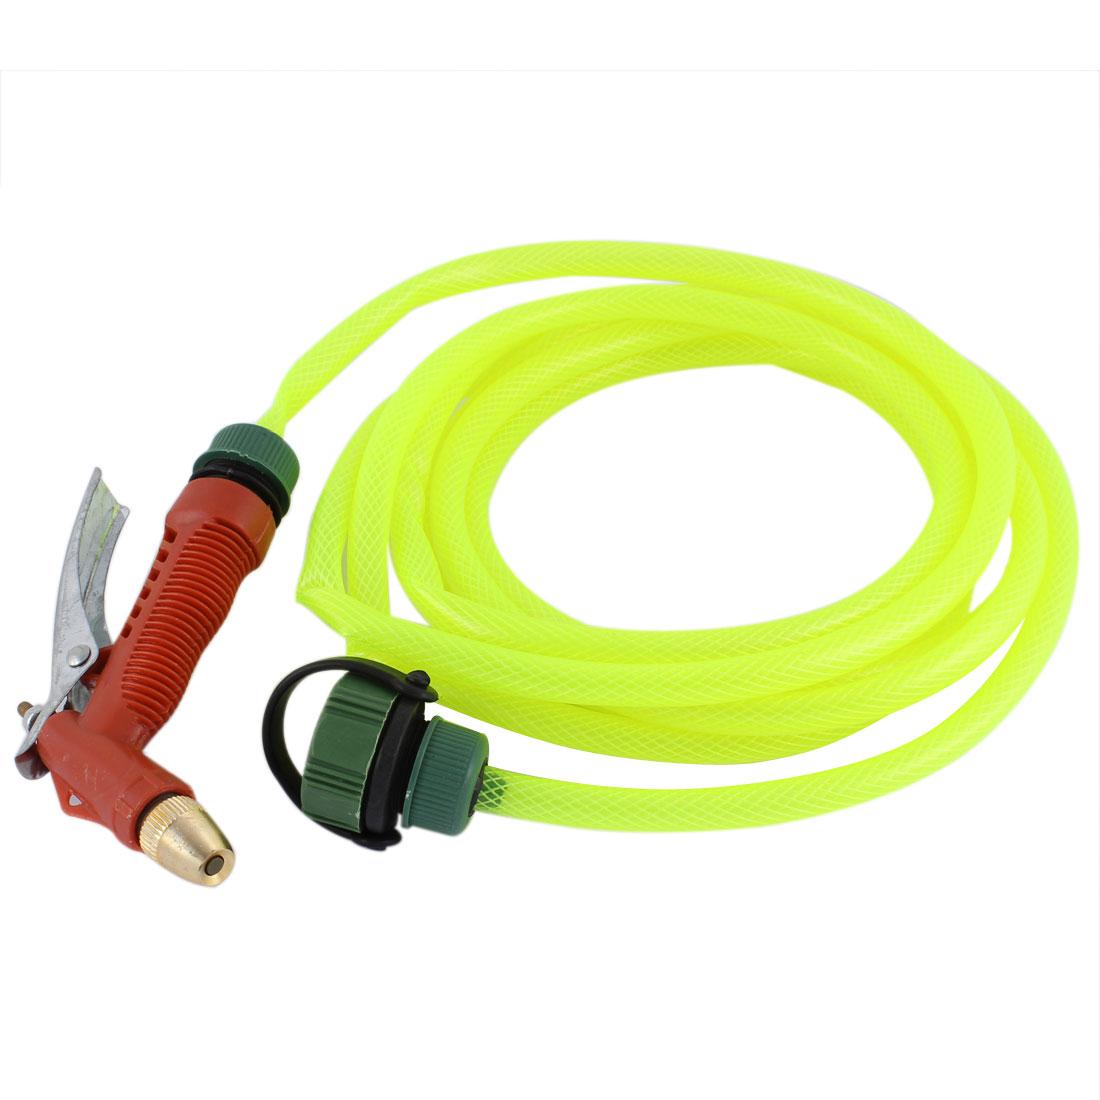 Garden Auto Car Washing High Pressure Water Hose Nozzle Gun Sprayer 4.3M